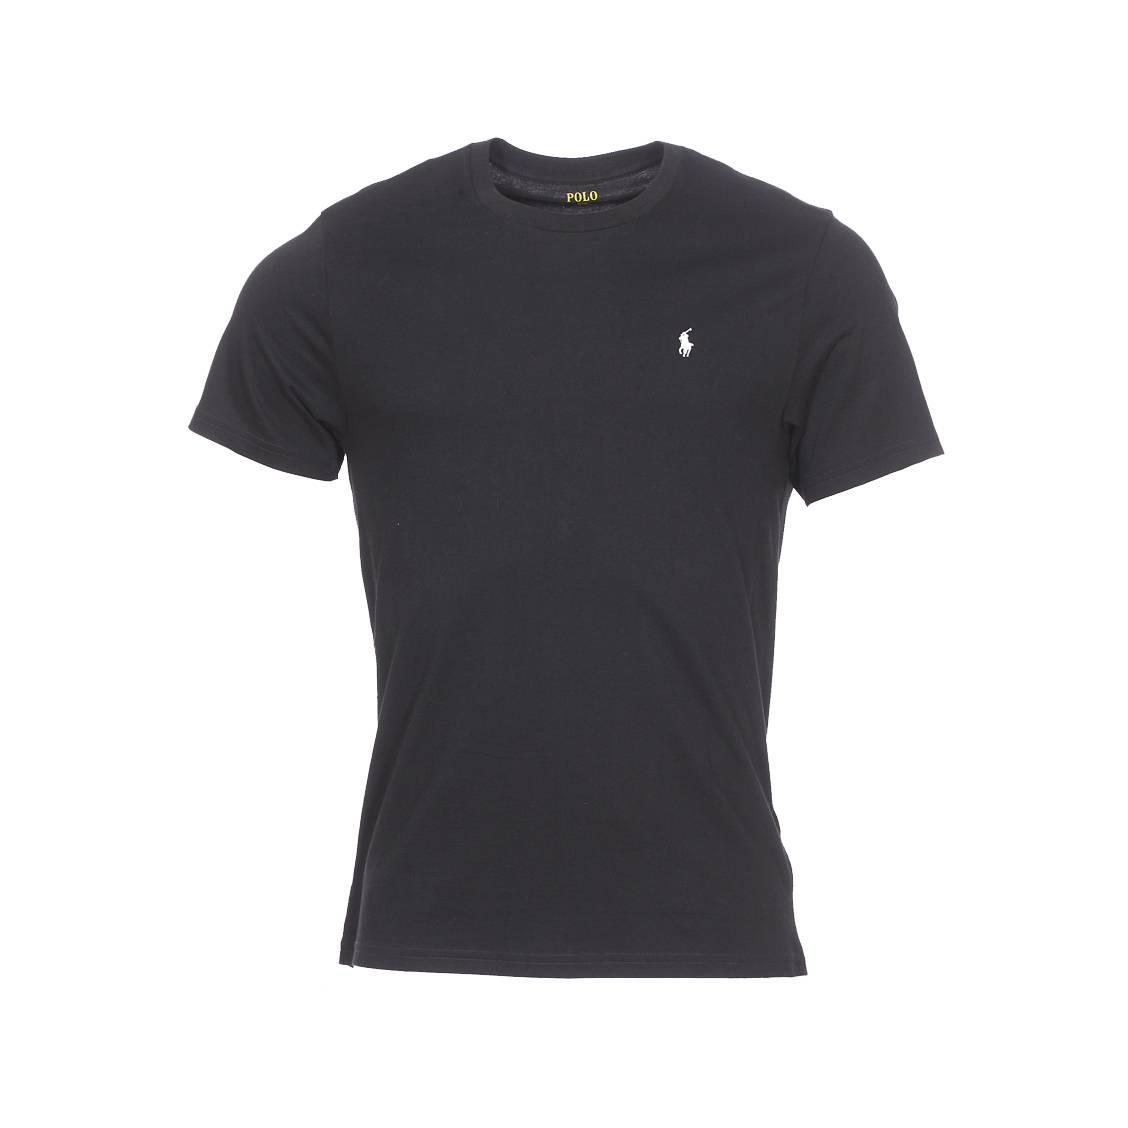 Tee-shirt col rond  en coton noir à logo blanc brodé